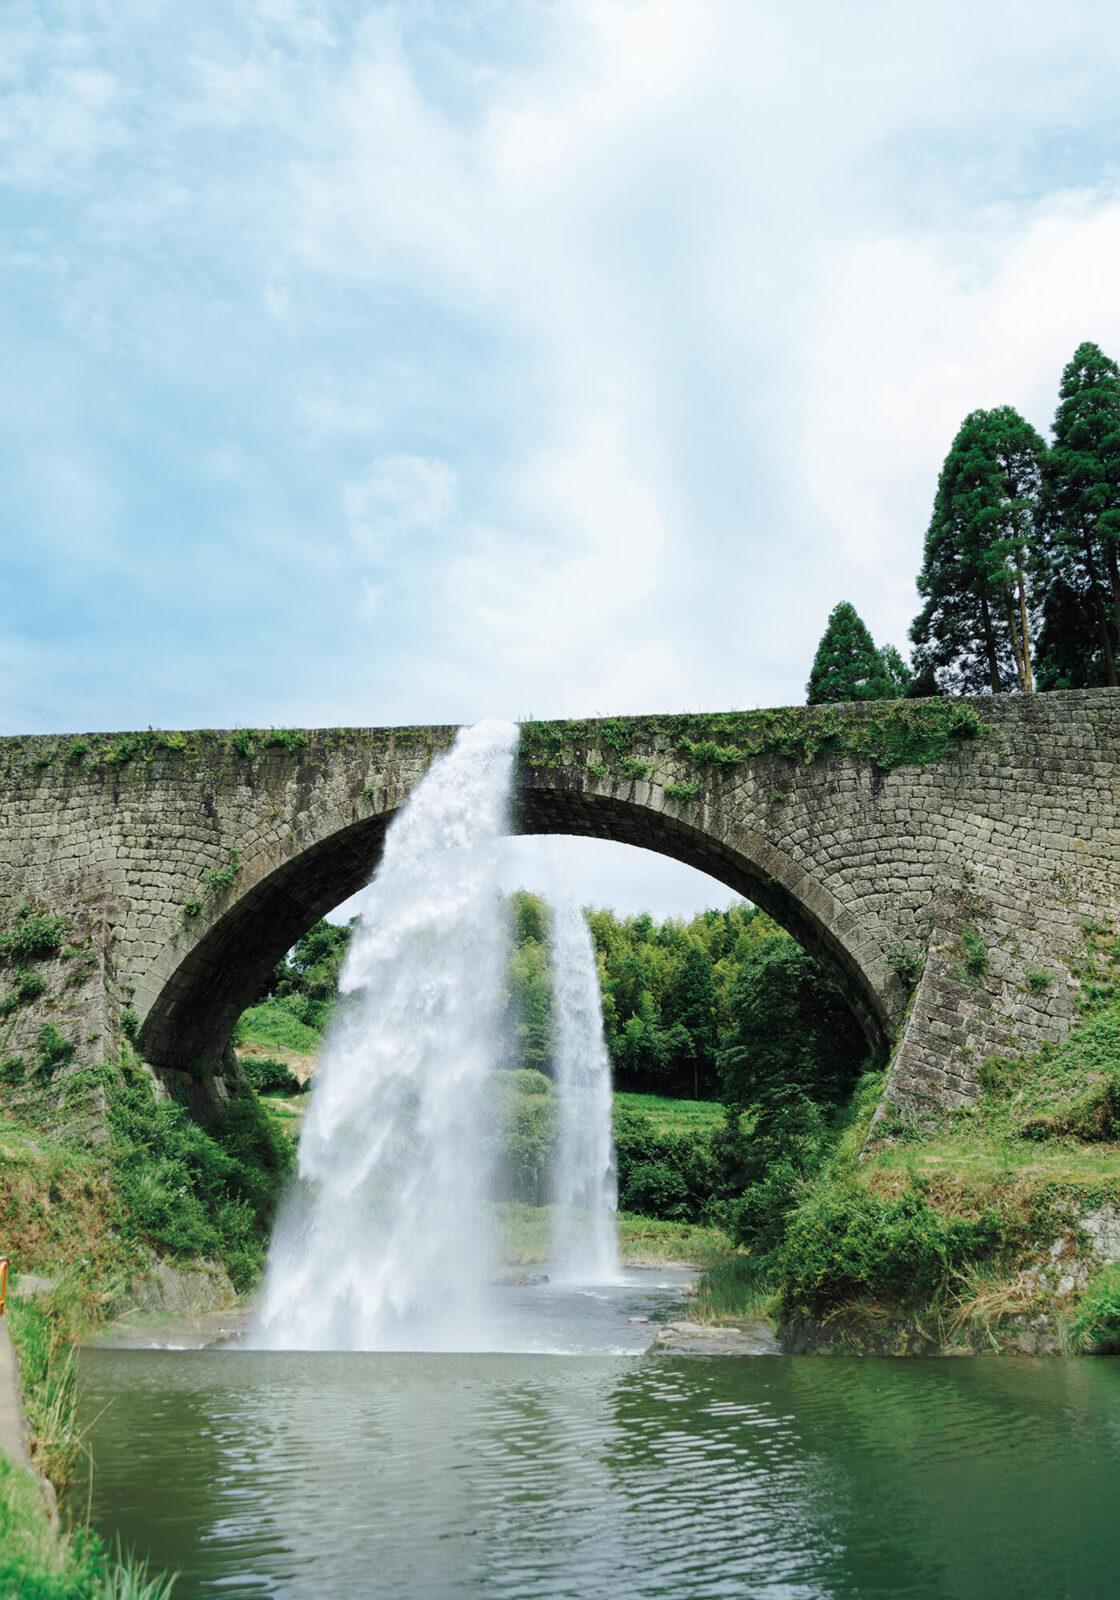 江戸末期、水不足に悩む白糸台地への配水のために造られた通潤橋。水路に詰まった土砂を吐き出すための、高さ20mから行う放水が圧巻。2016年の熊本地震により中止していたが、今年7月より待ちに待った再開となった。